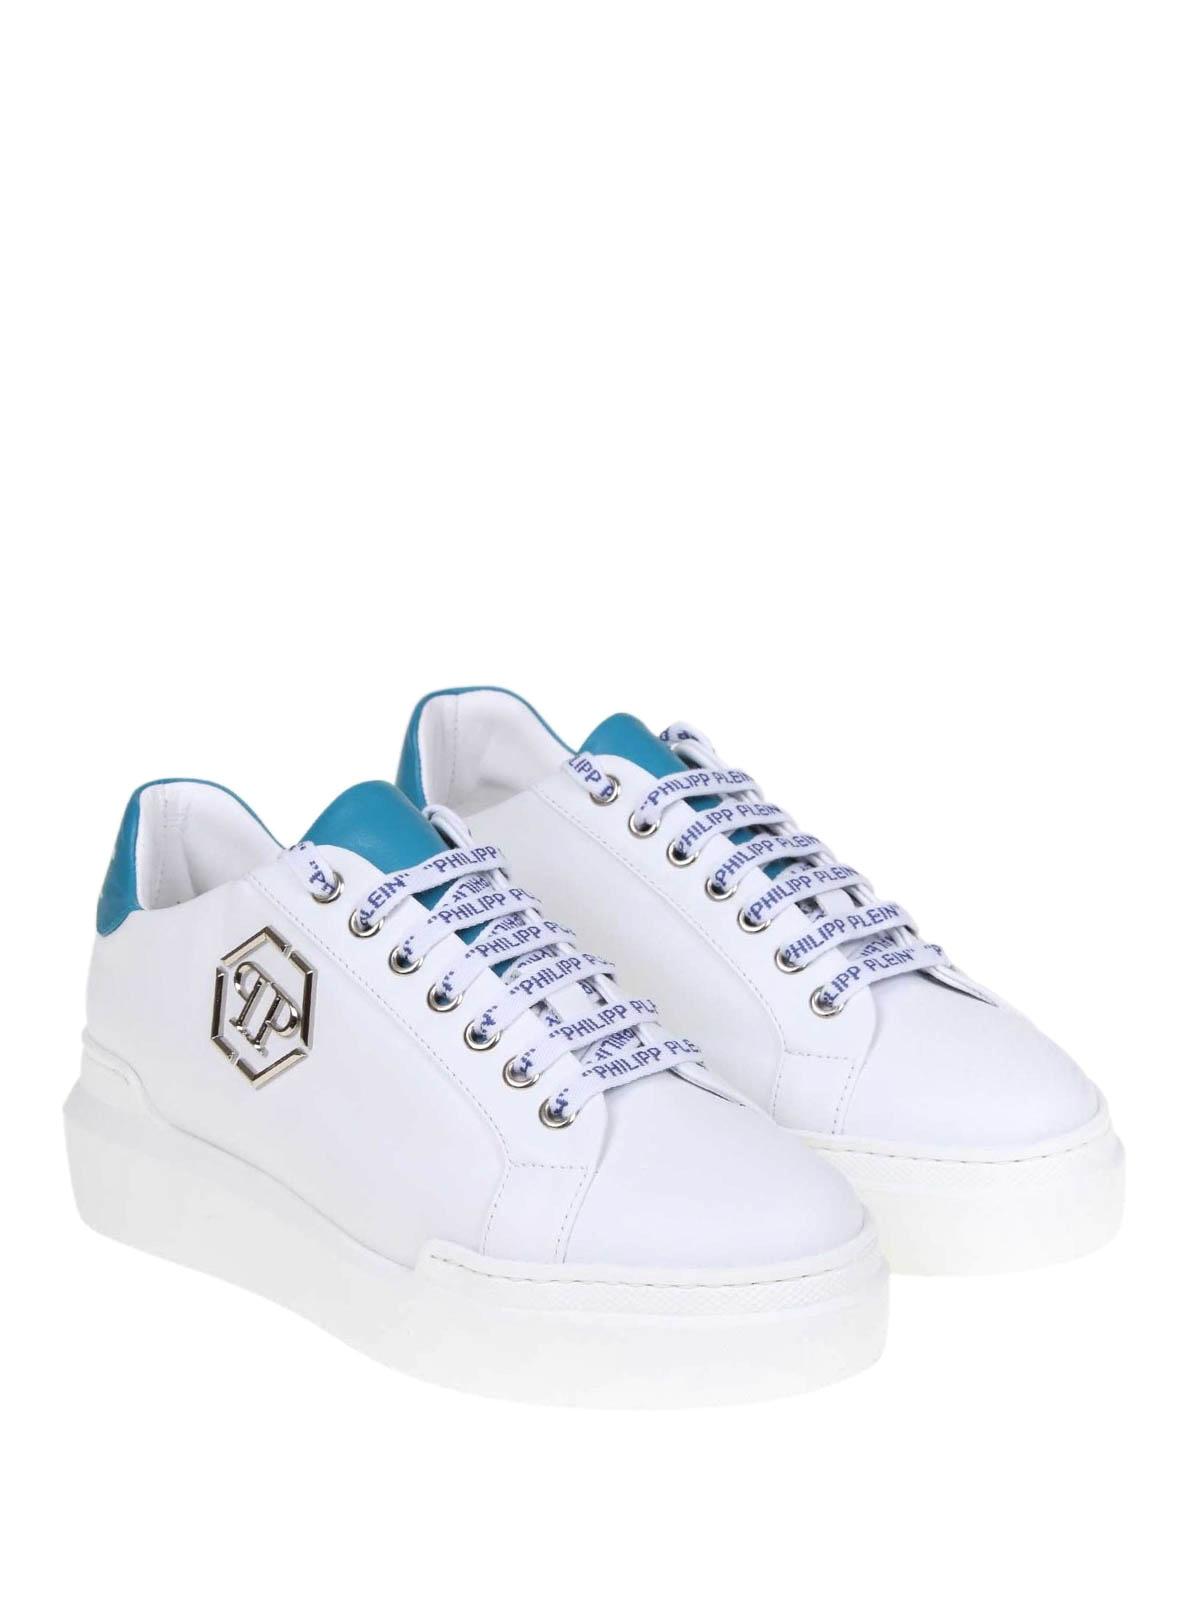 Sneaker Con Sneakers Plein Talloncino Azzurro Philipp In Pelle Tlc3FuK1J